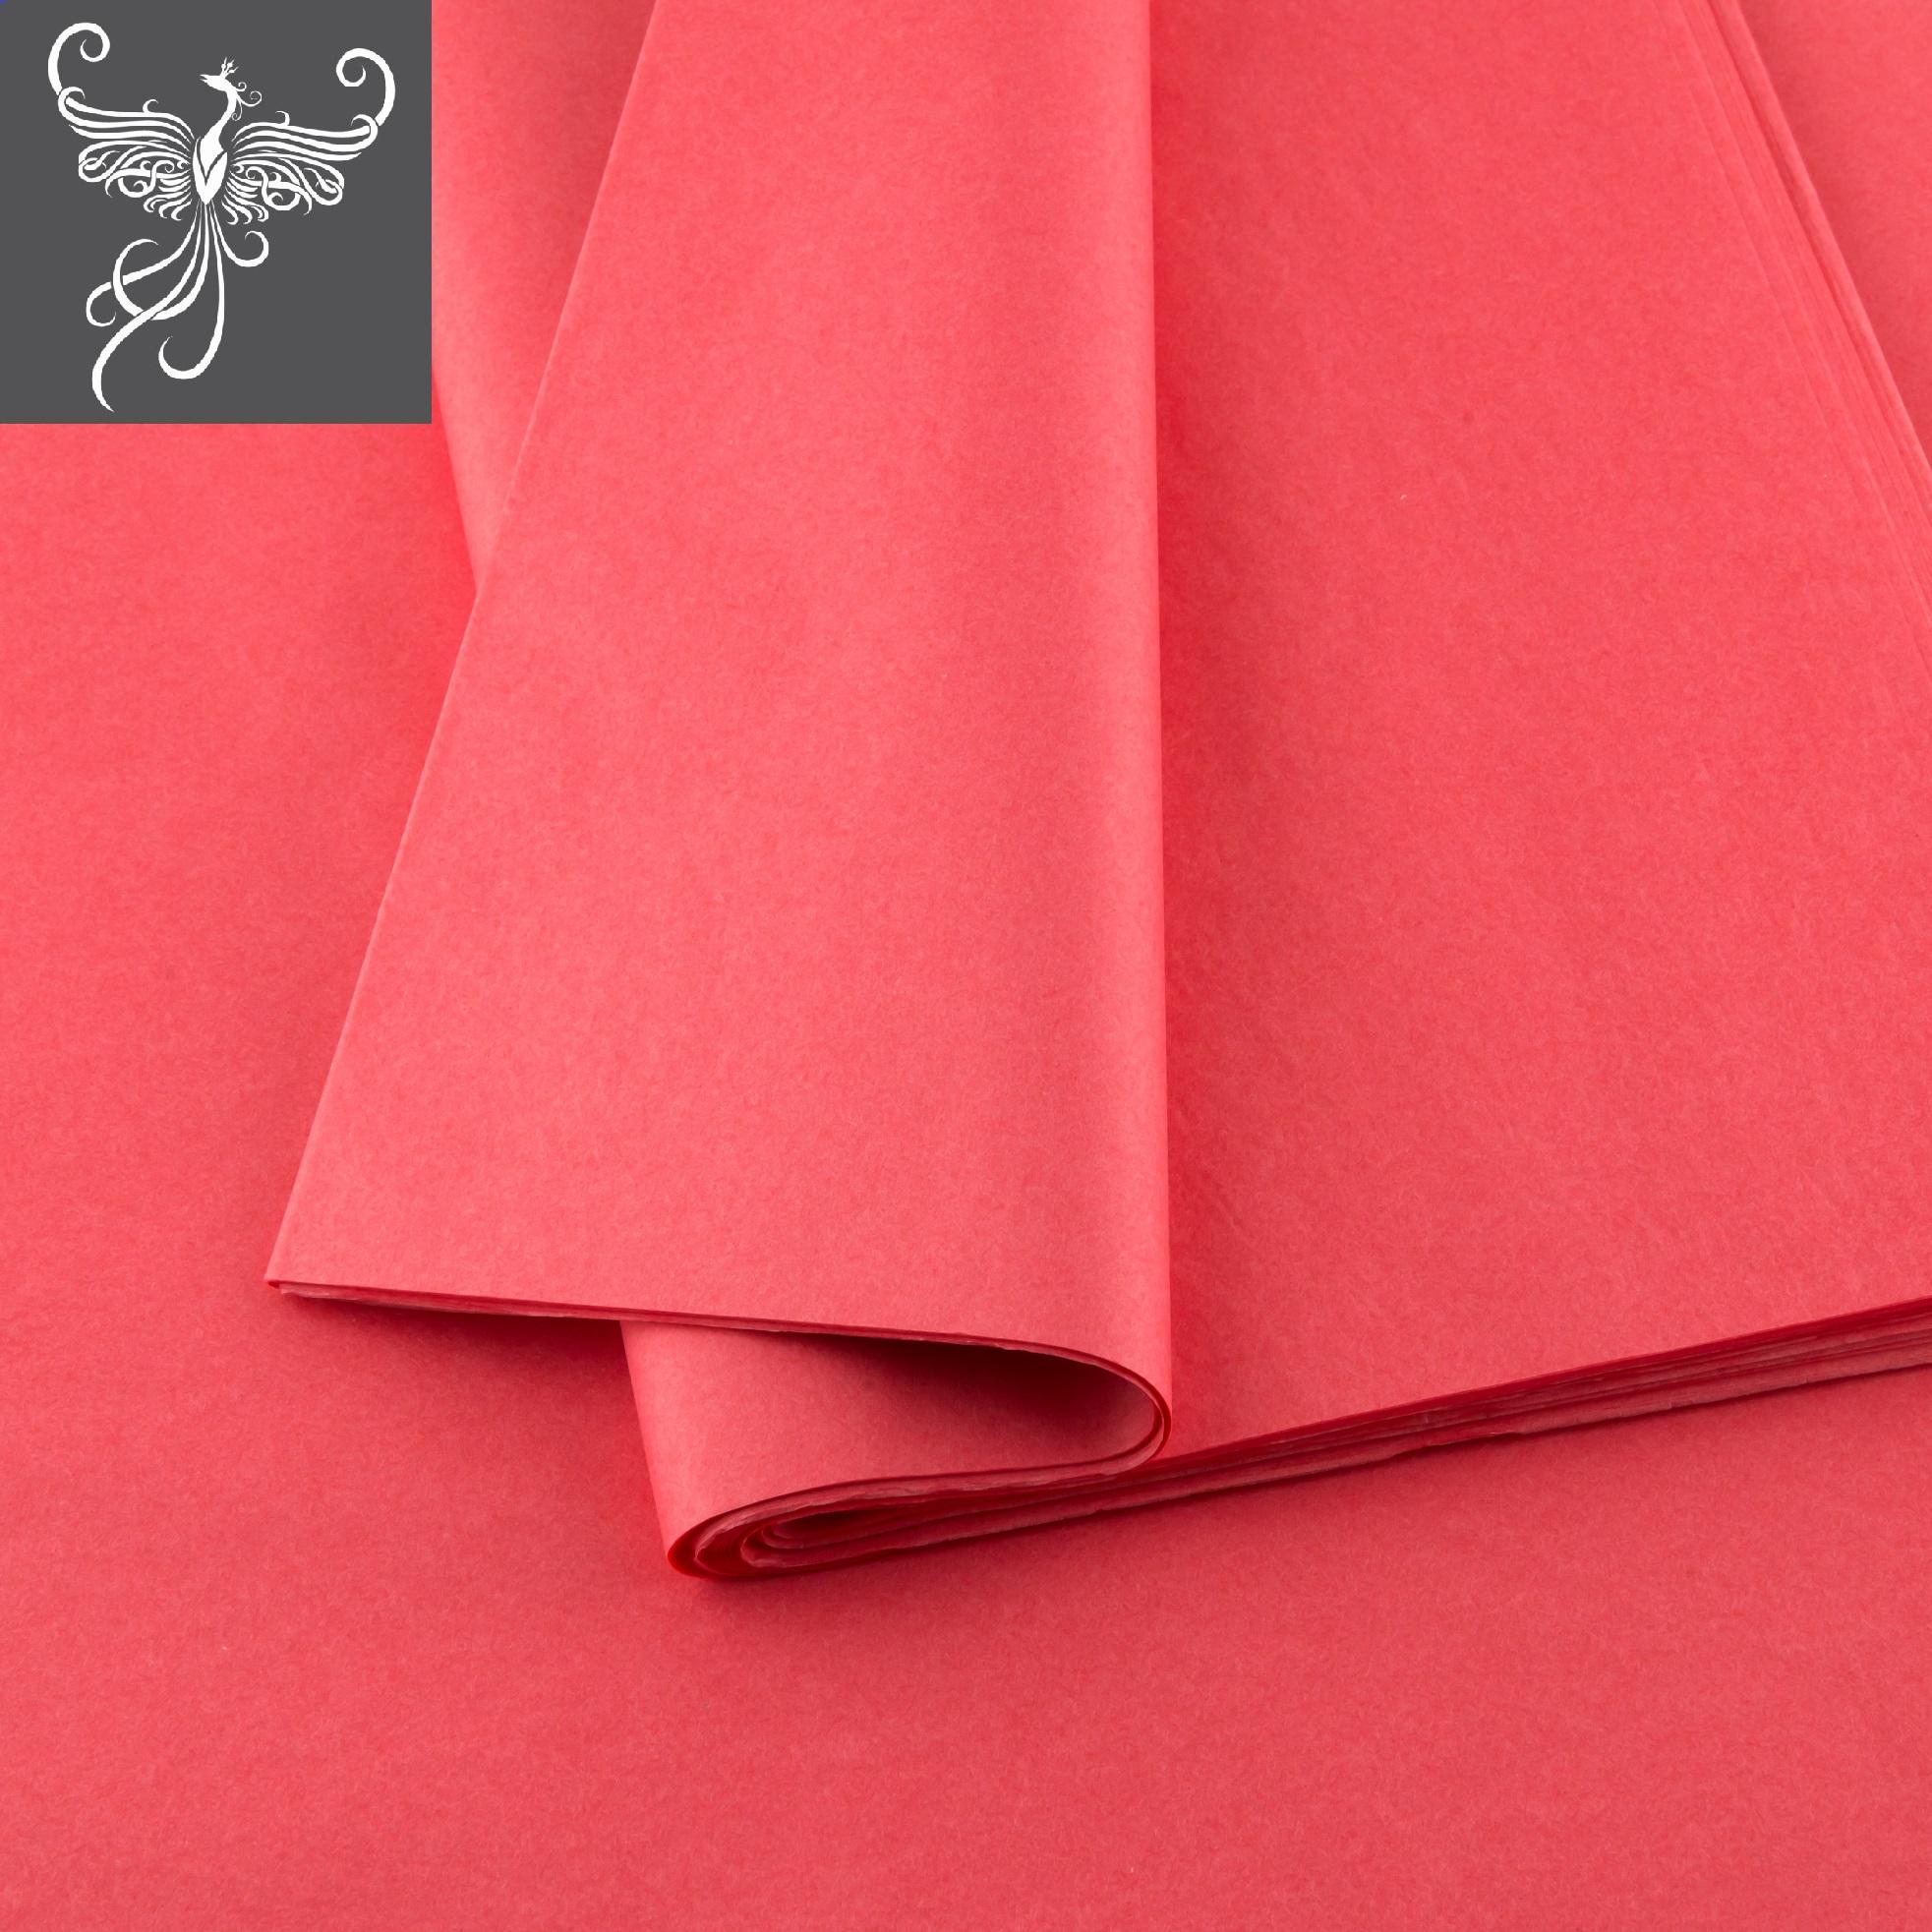 Plain tissue paper coral